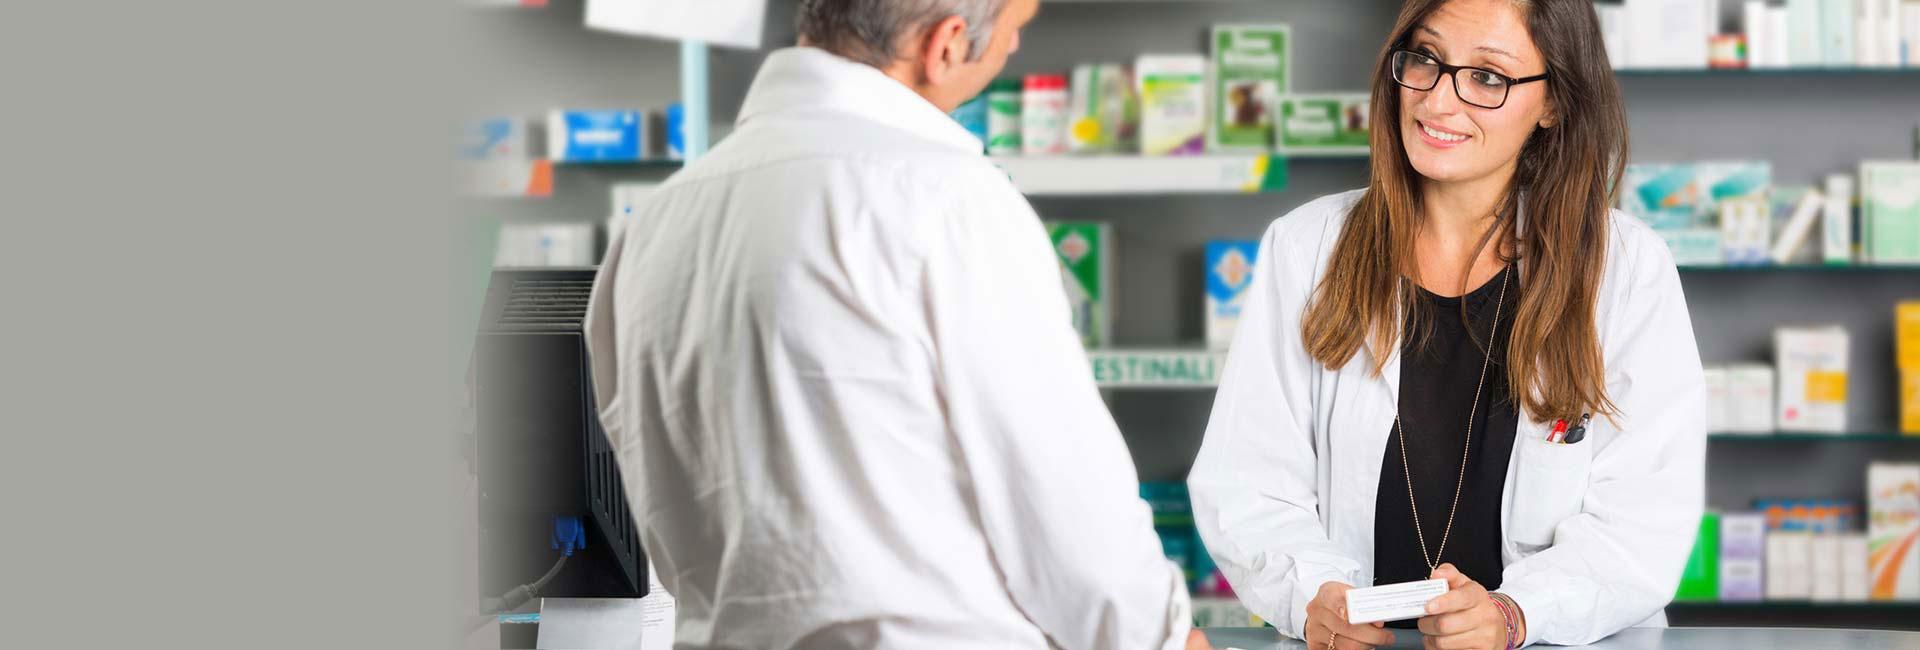 curso de auxiliar de farmacia gratis